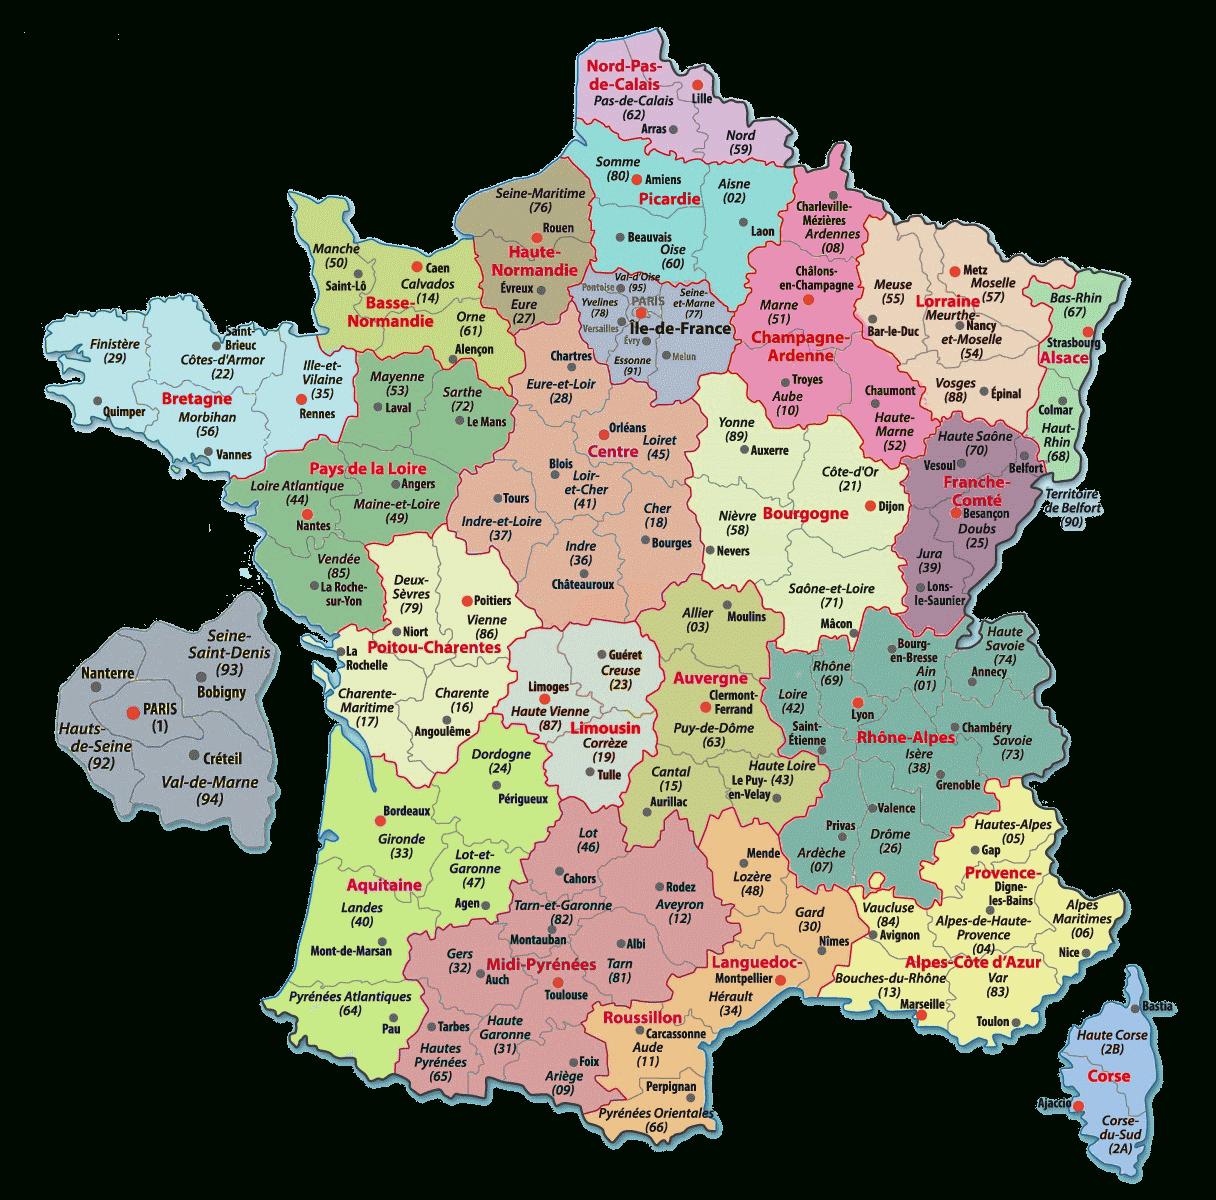 Carte De France Departements : Carte Des Départements De France encequiconcerne Carte De France Imprimable Gratuite